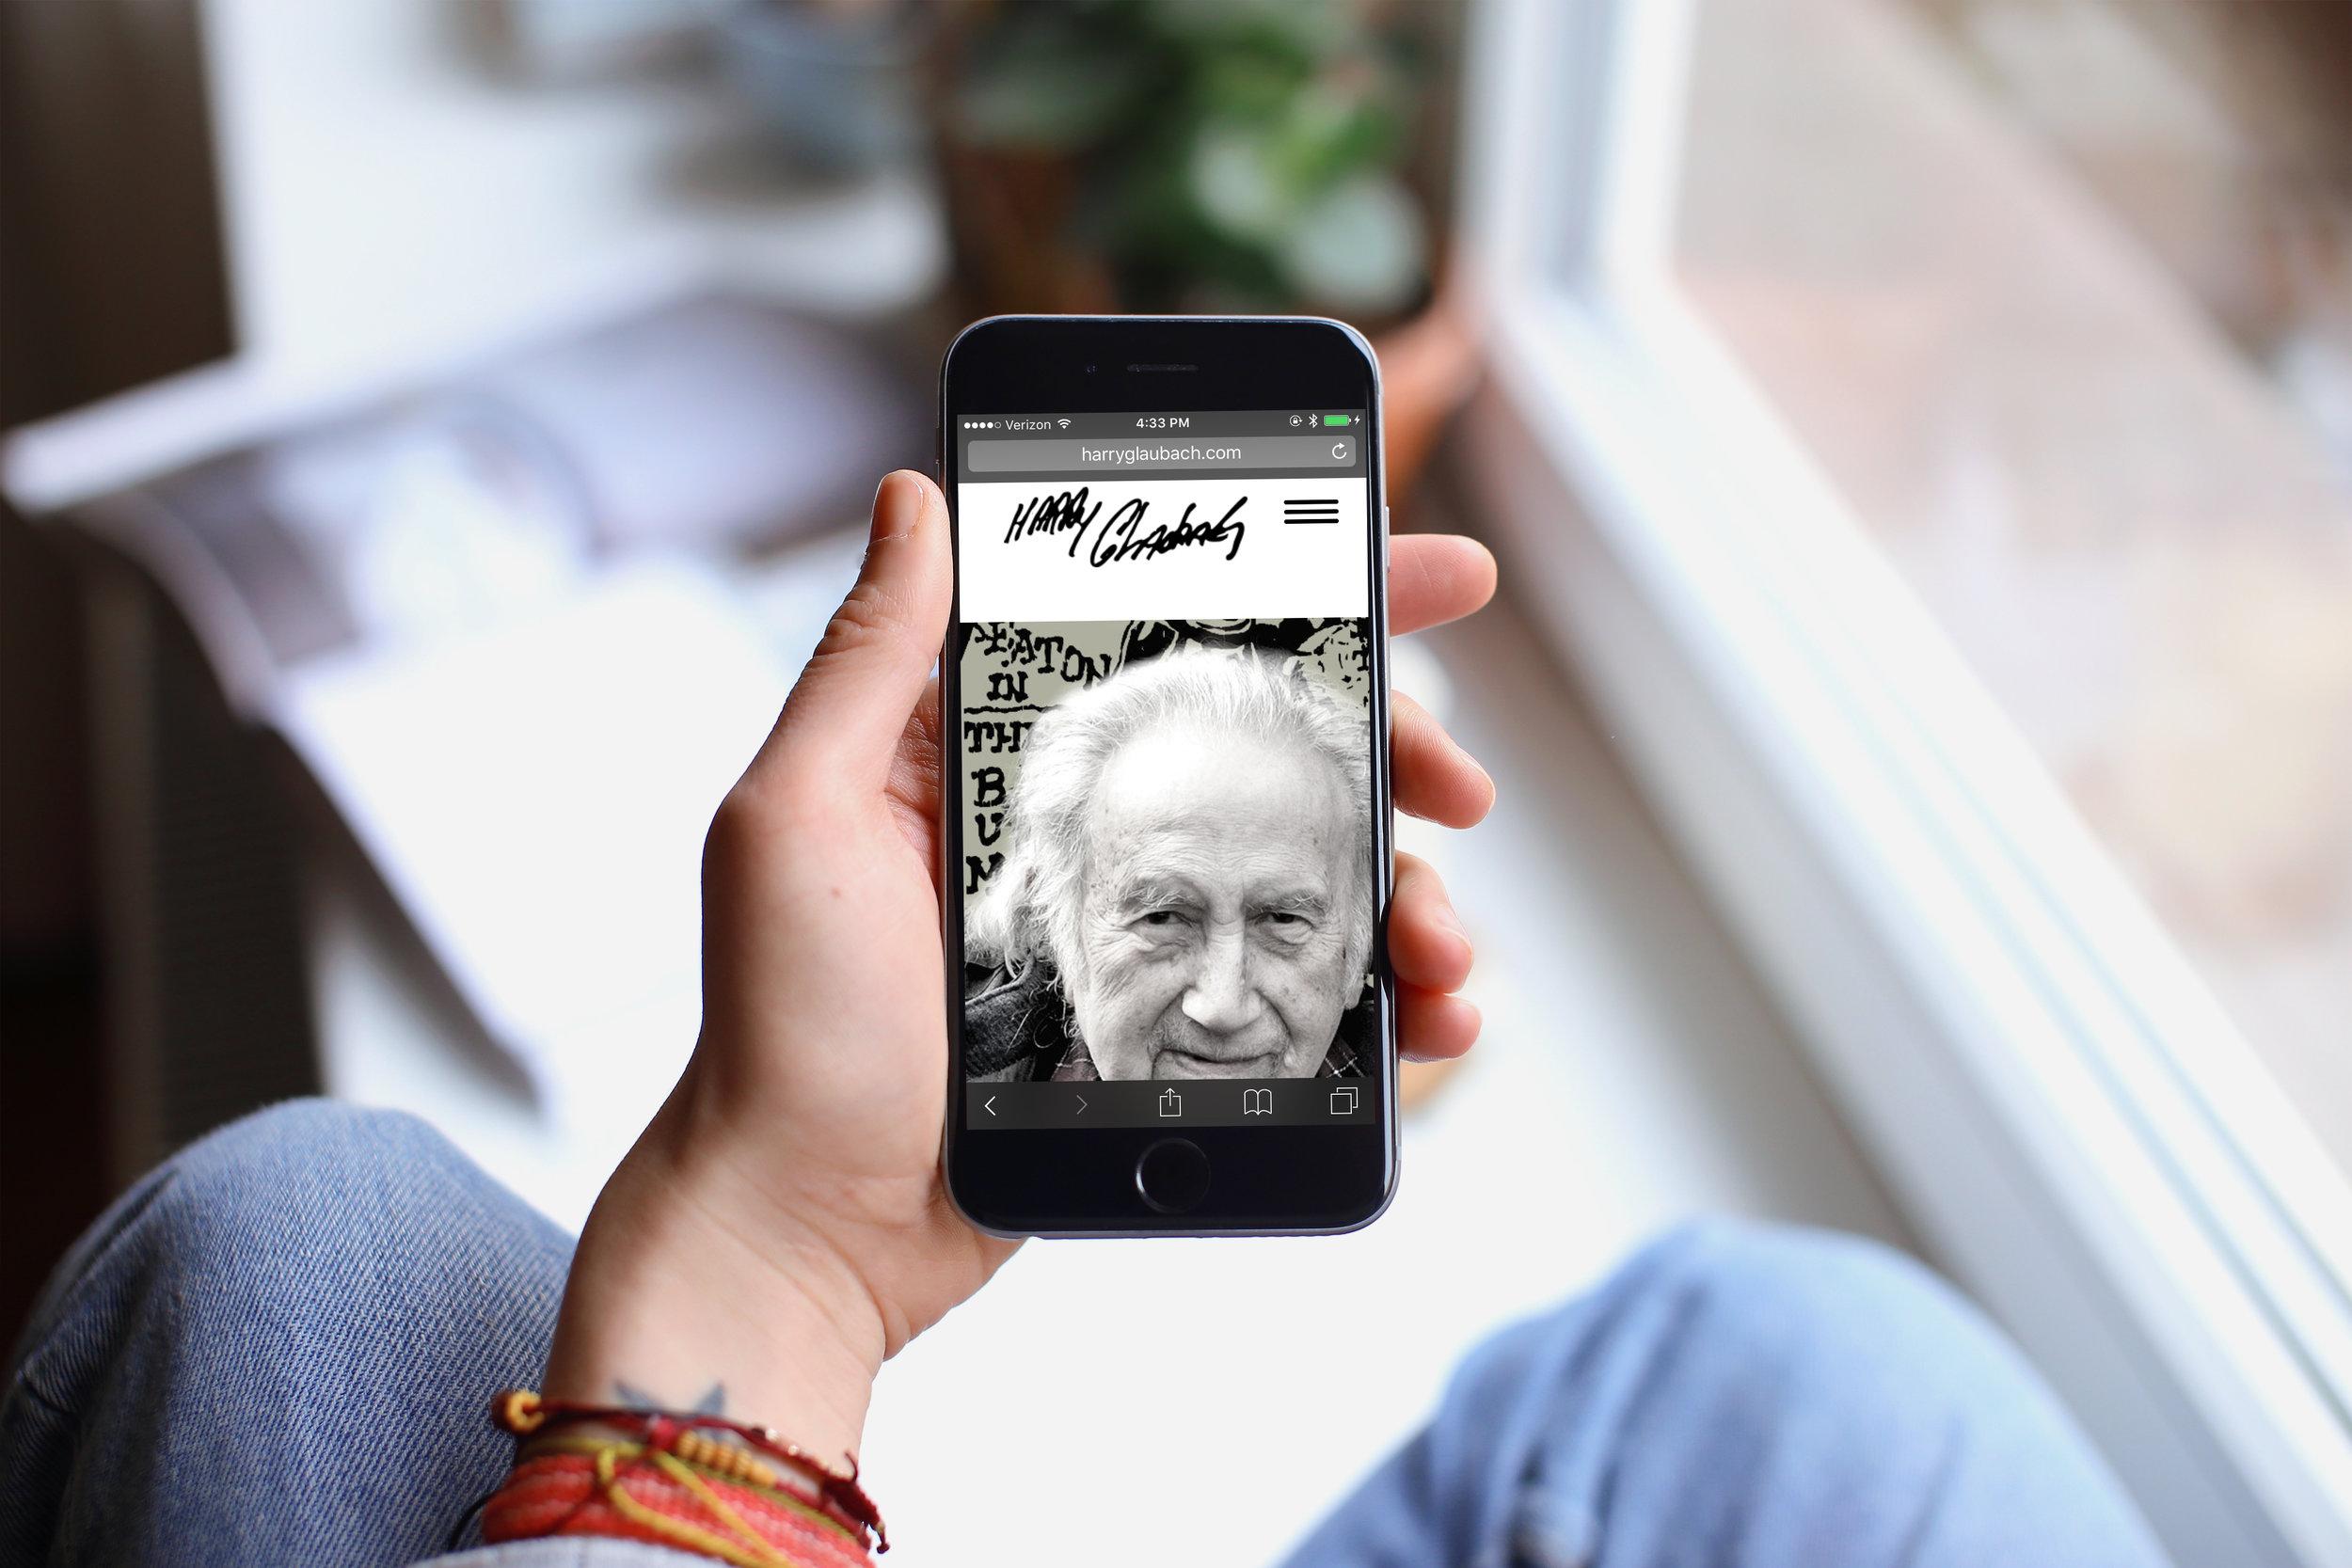 Harry_mobile.jpg